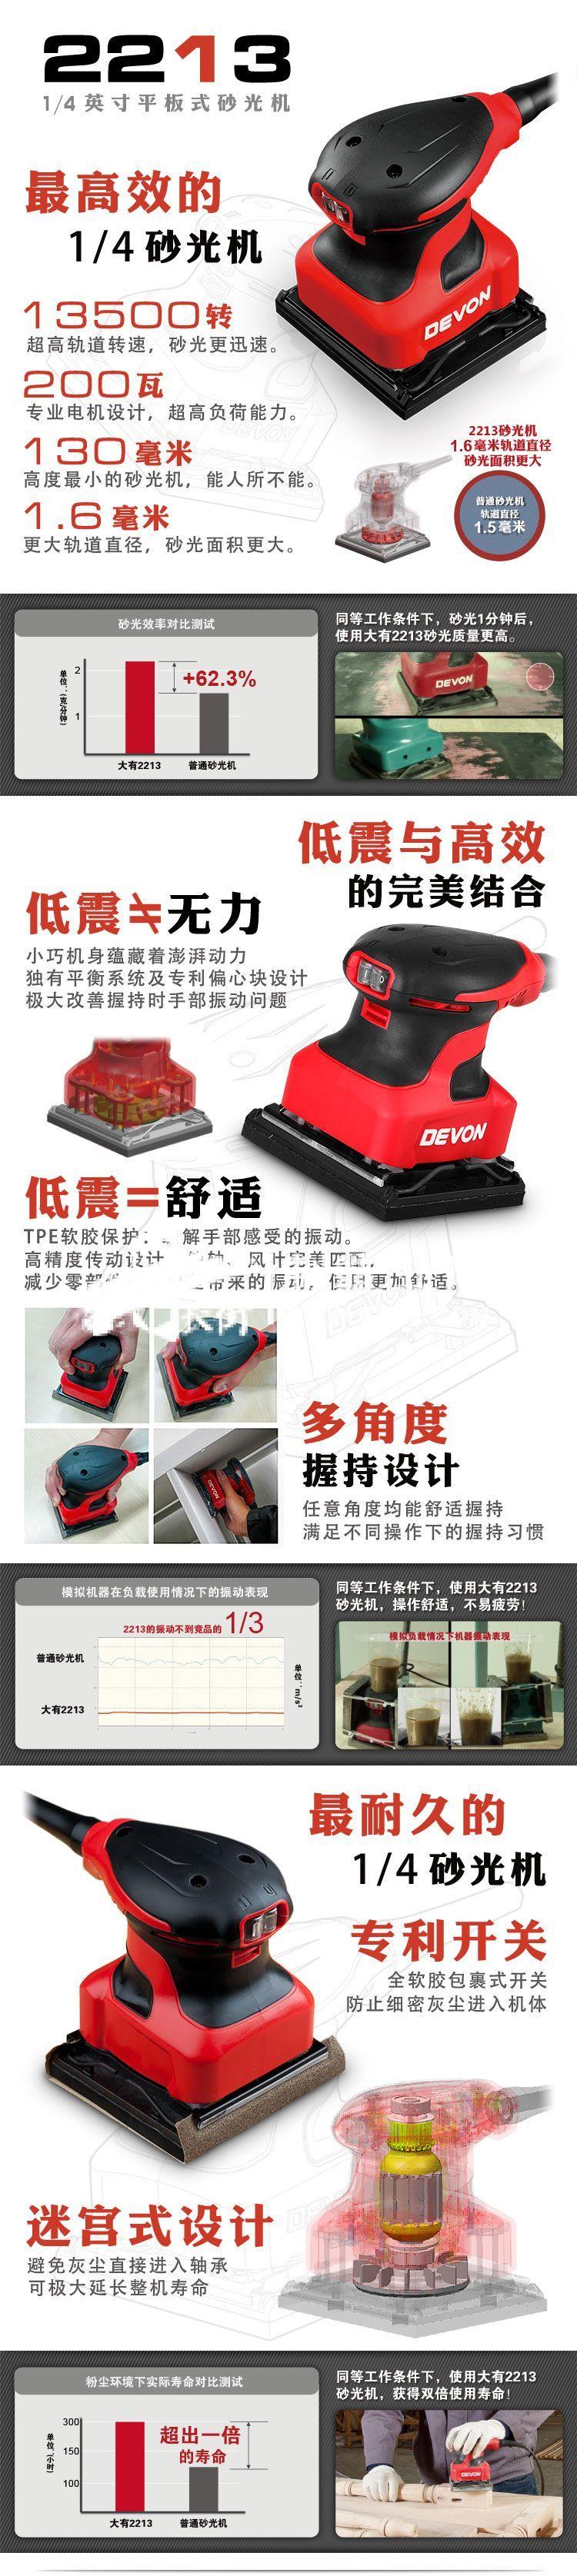 3产品介绍1.jpg